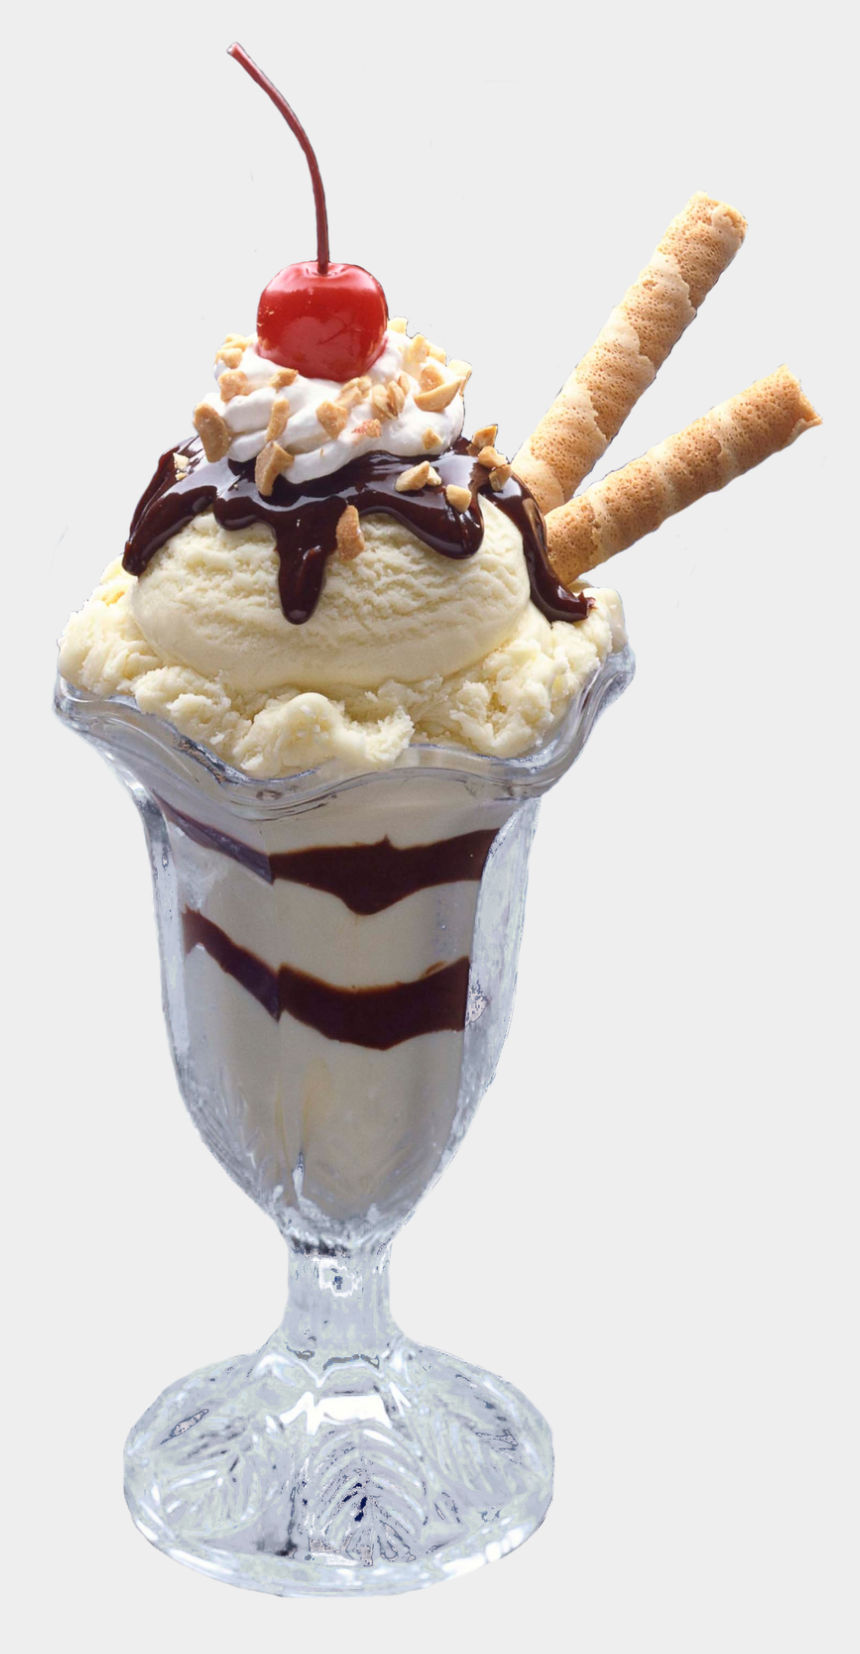 ice cream sundaes clipart, Cartoons - Ice Cream Png Transparent - Ice Cream Sundae Png